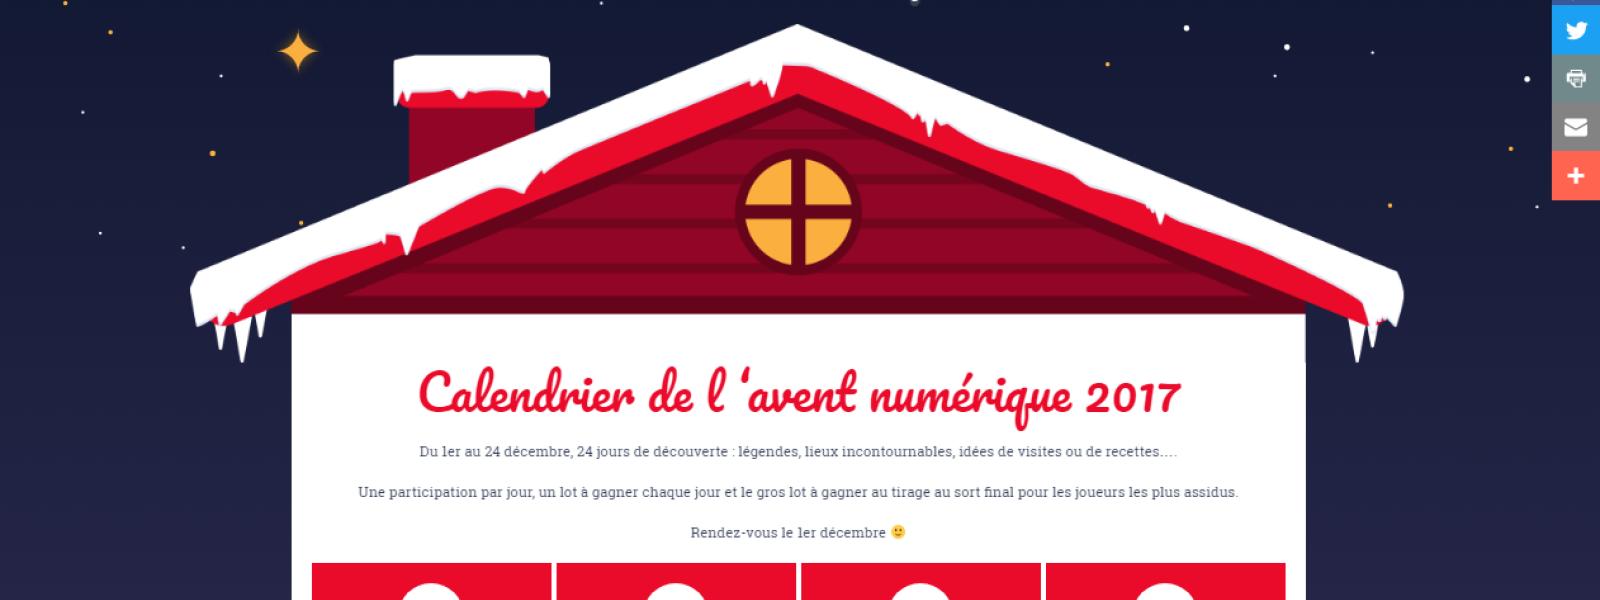 Calendrier de l'Avent numérique, Niederbronn-les-Bains